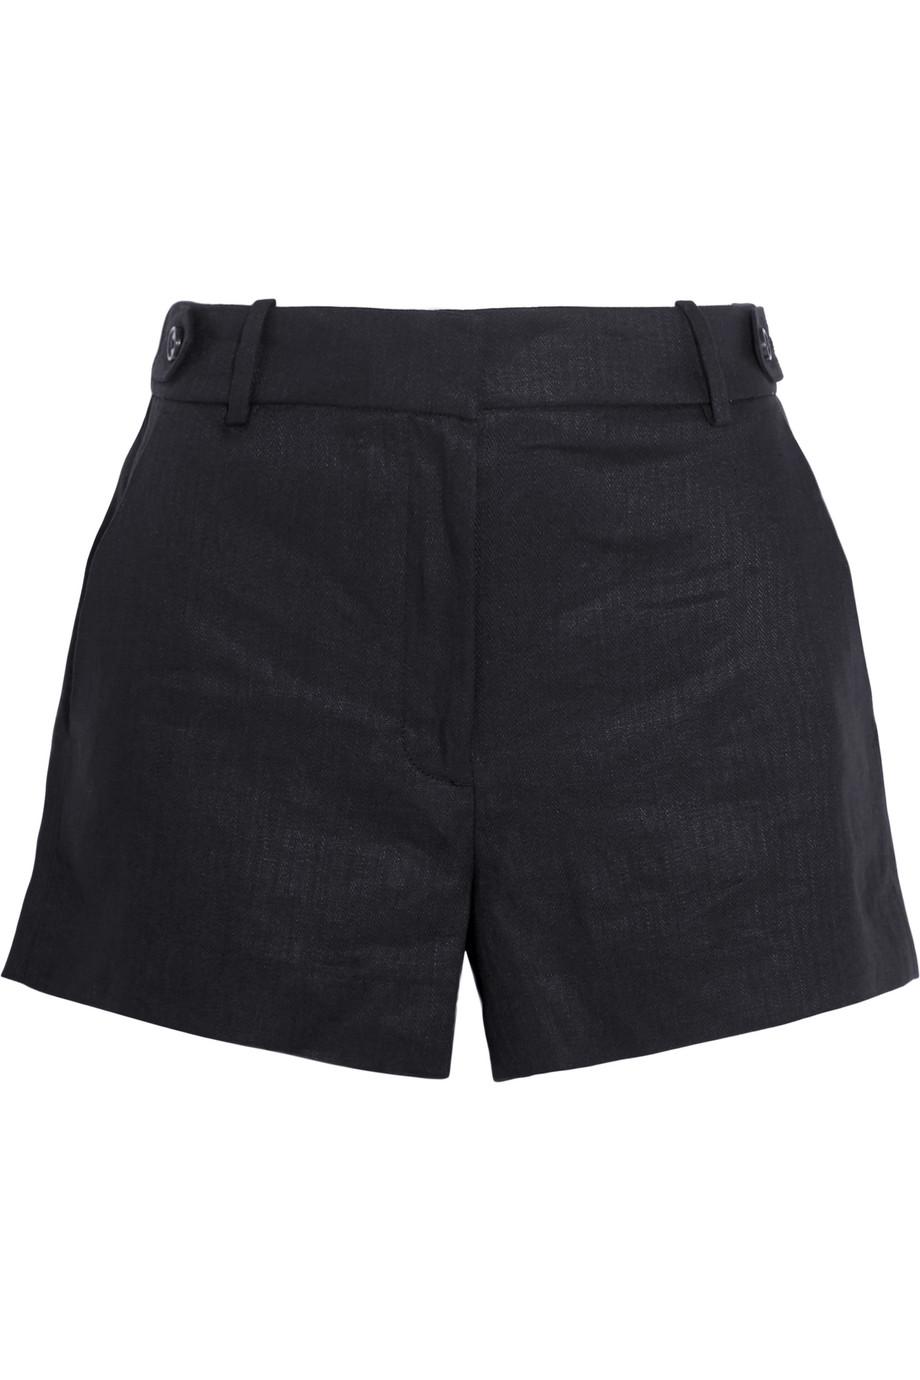 J.Crew Kyle Linen Shorts, Black, Women's, Size: 6